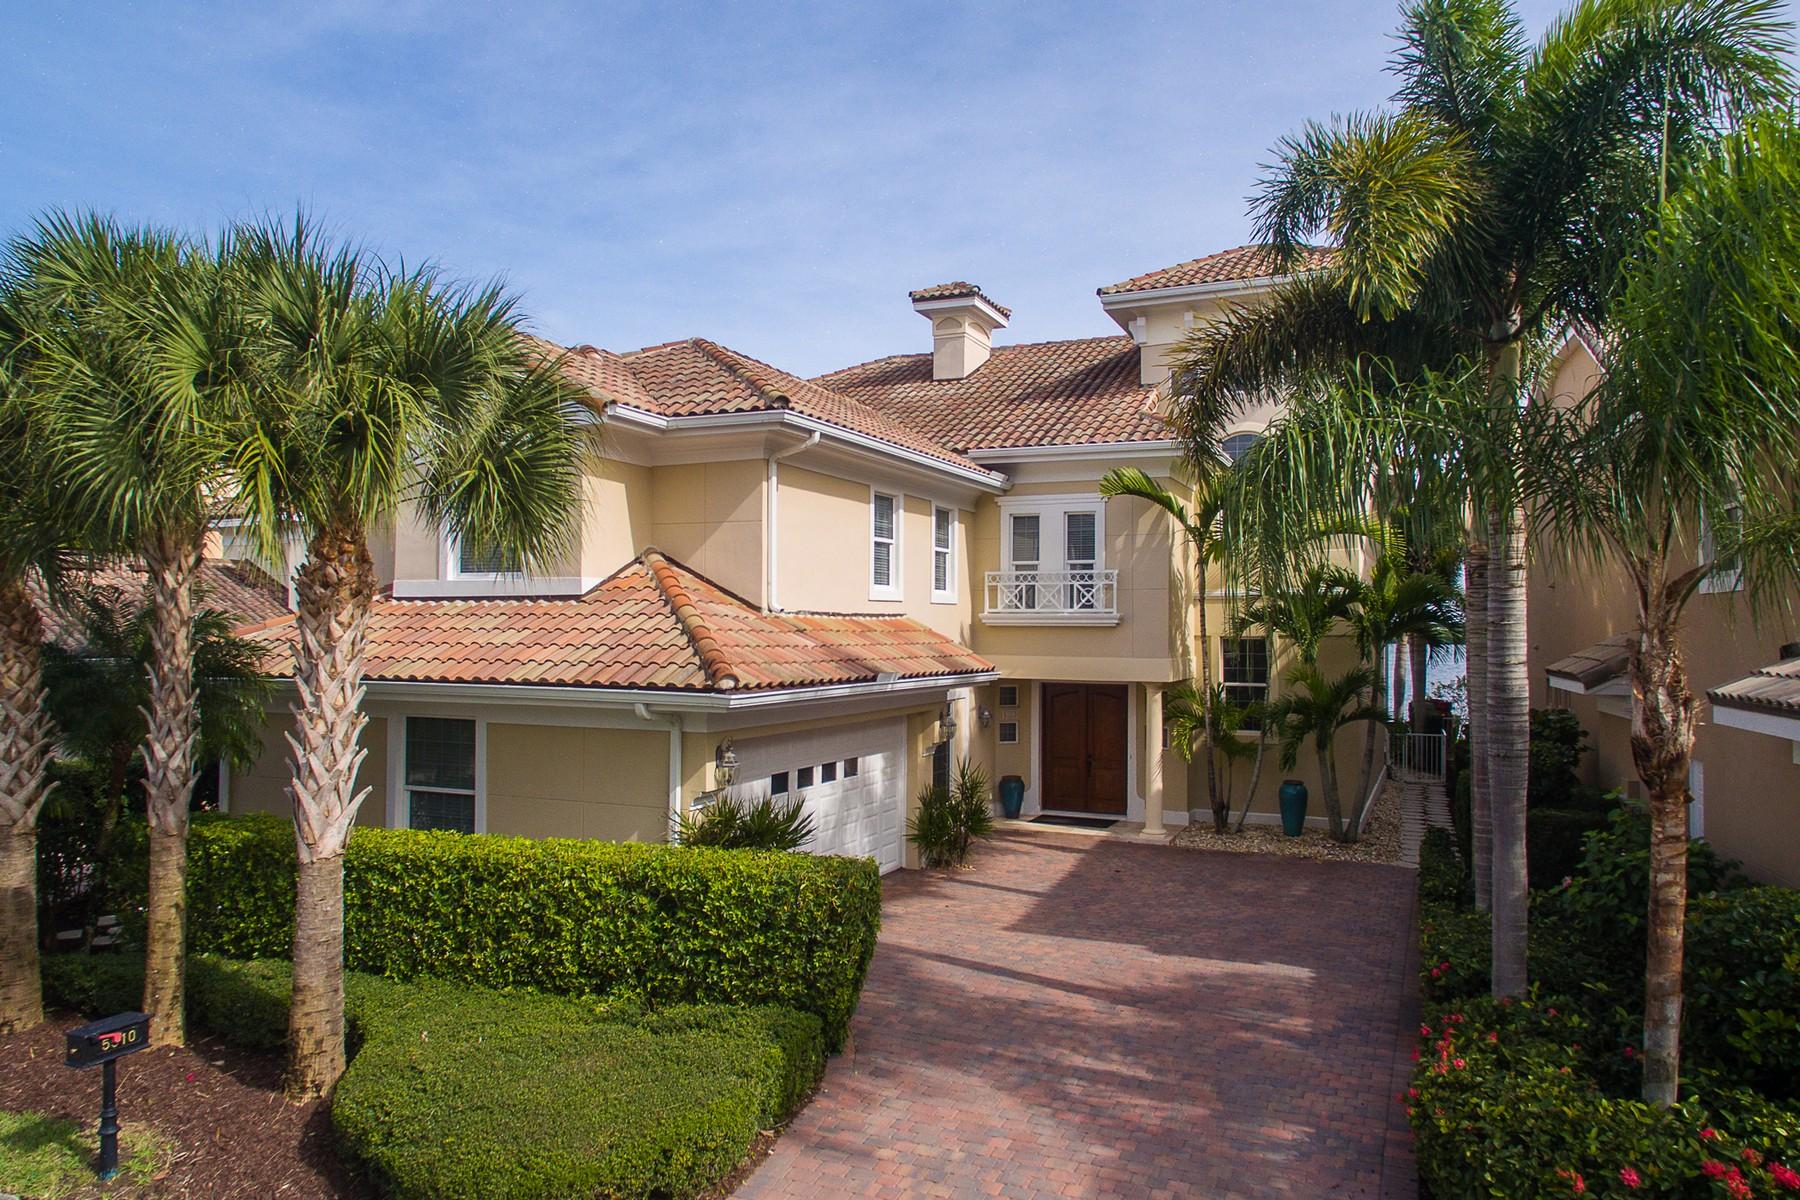 独户住宅 为 销售 在 Magnificent 5 Bedroom Riverfront home in Grand Harbor 5510 E Harbor Village Drive Grand Harbor, 维罗海滩, 佛罗里达州, 32967 美国